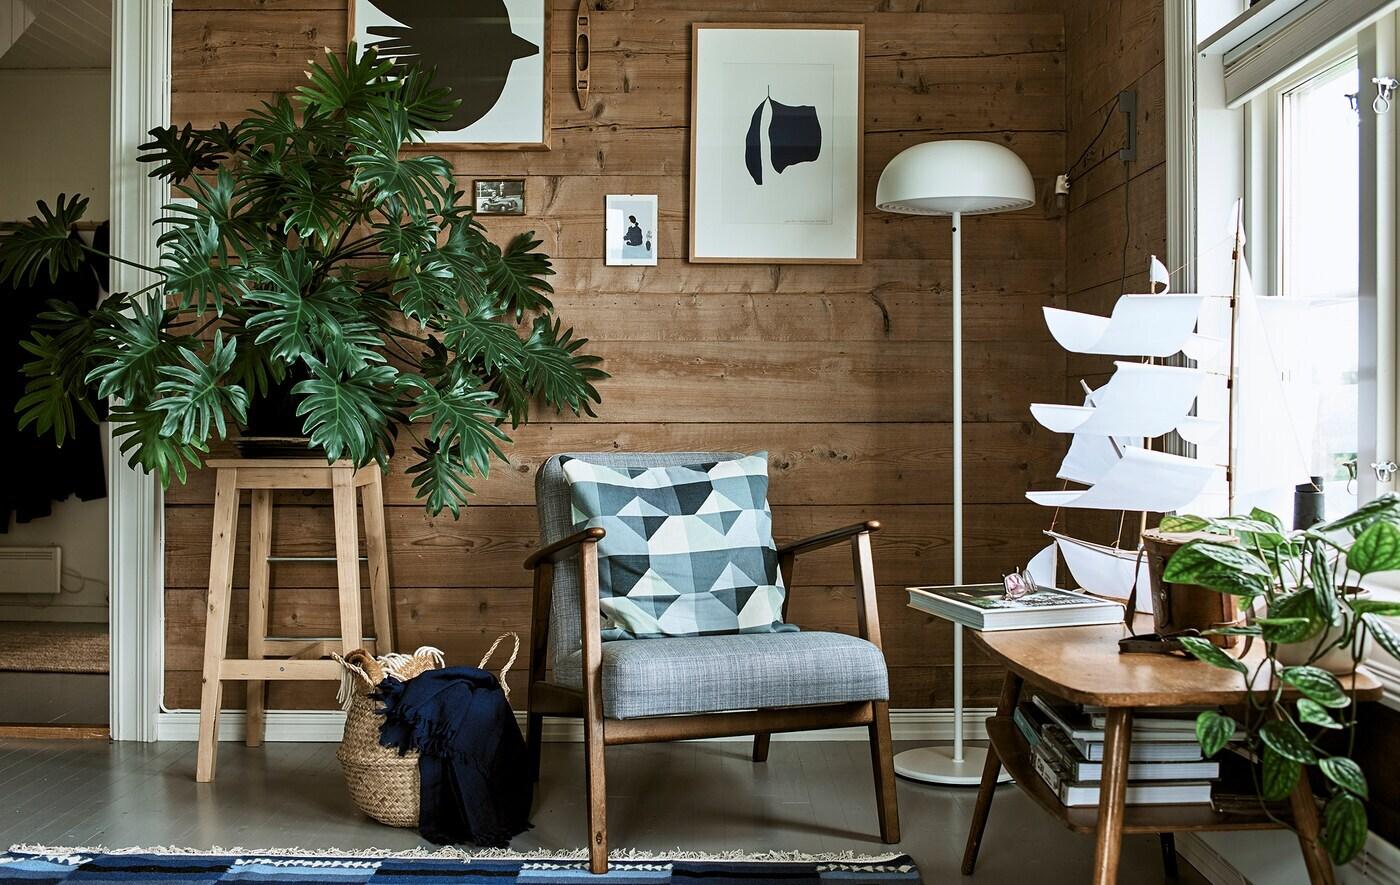 Ein rustikales Wohnzimmer, u. a. mit einem Sessel mit Holzgestell, einer weißen Standleuchte und einer großen Zimmerpflanze.